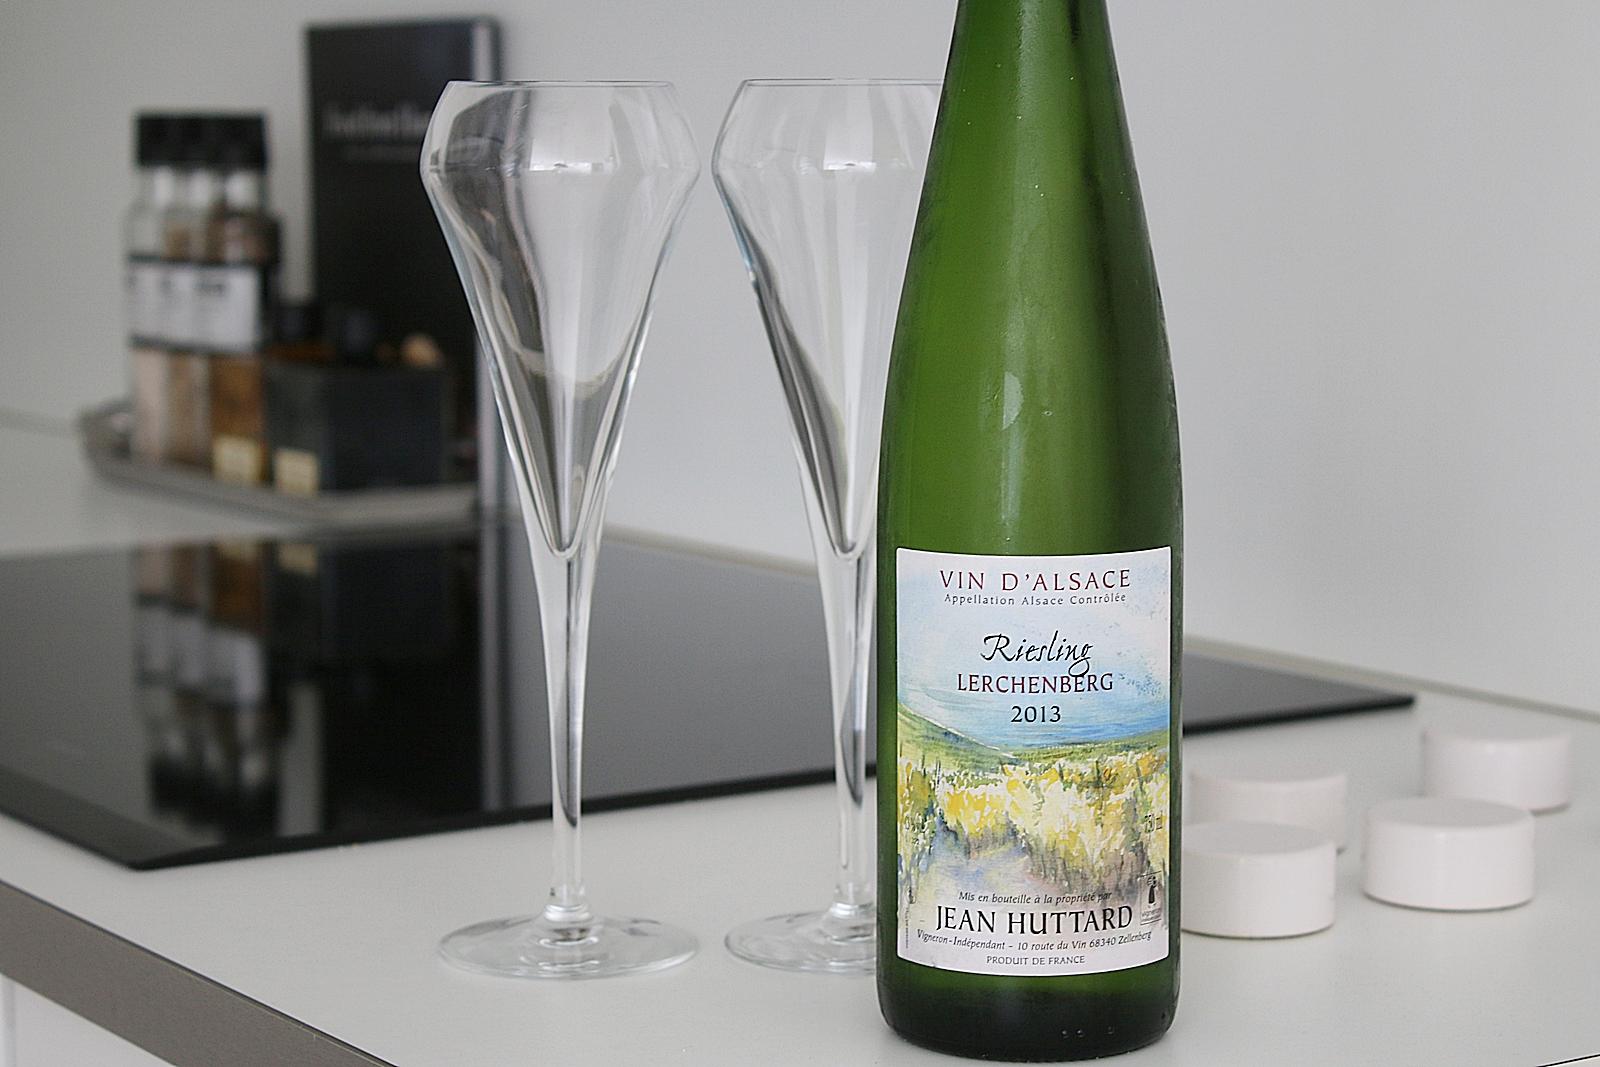 Välkommen lillördag och idag bjuder jag på ett glas vitt vin från Alsace